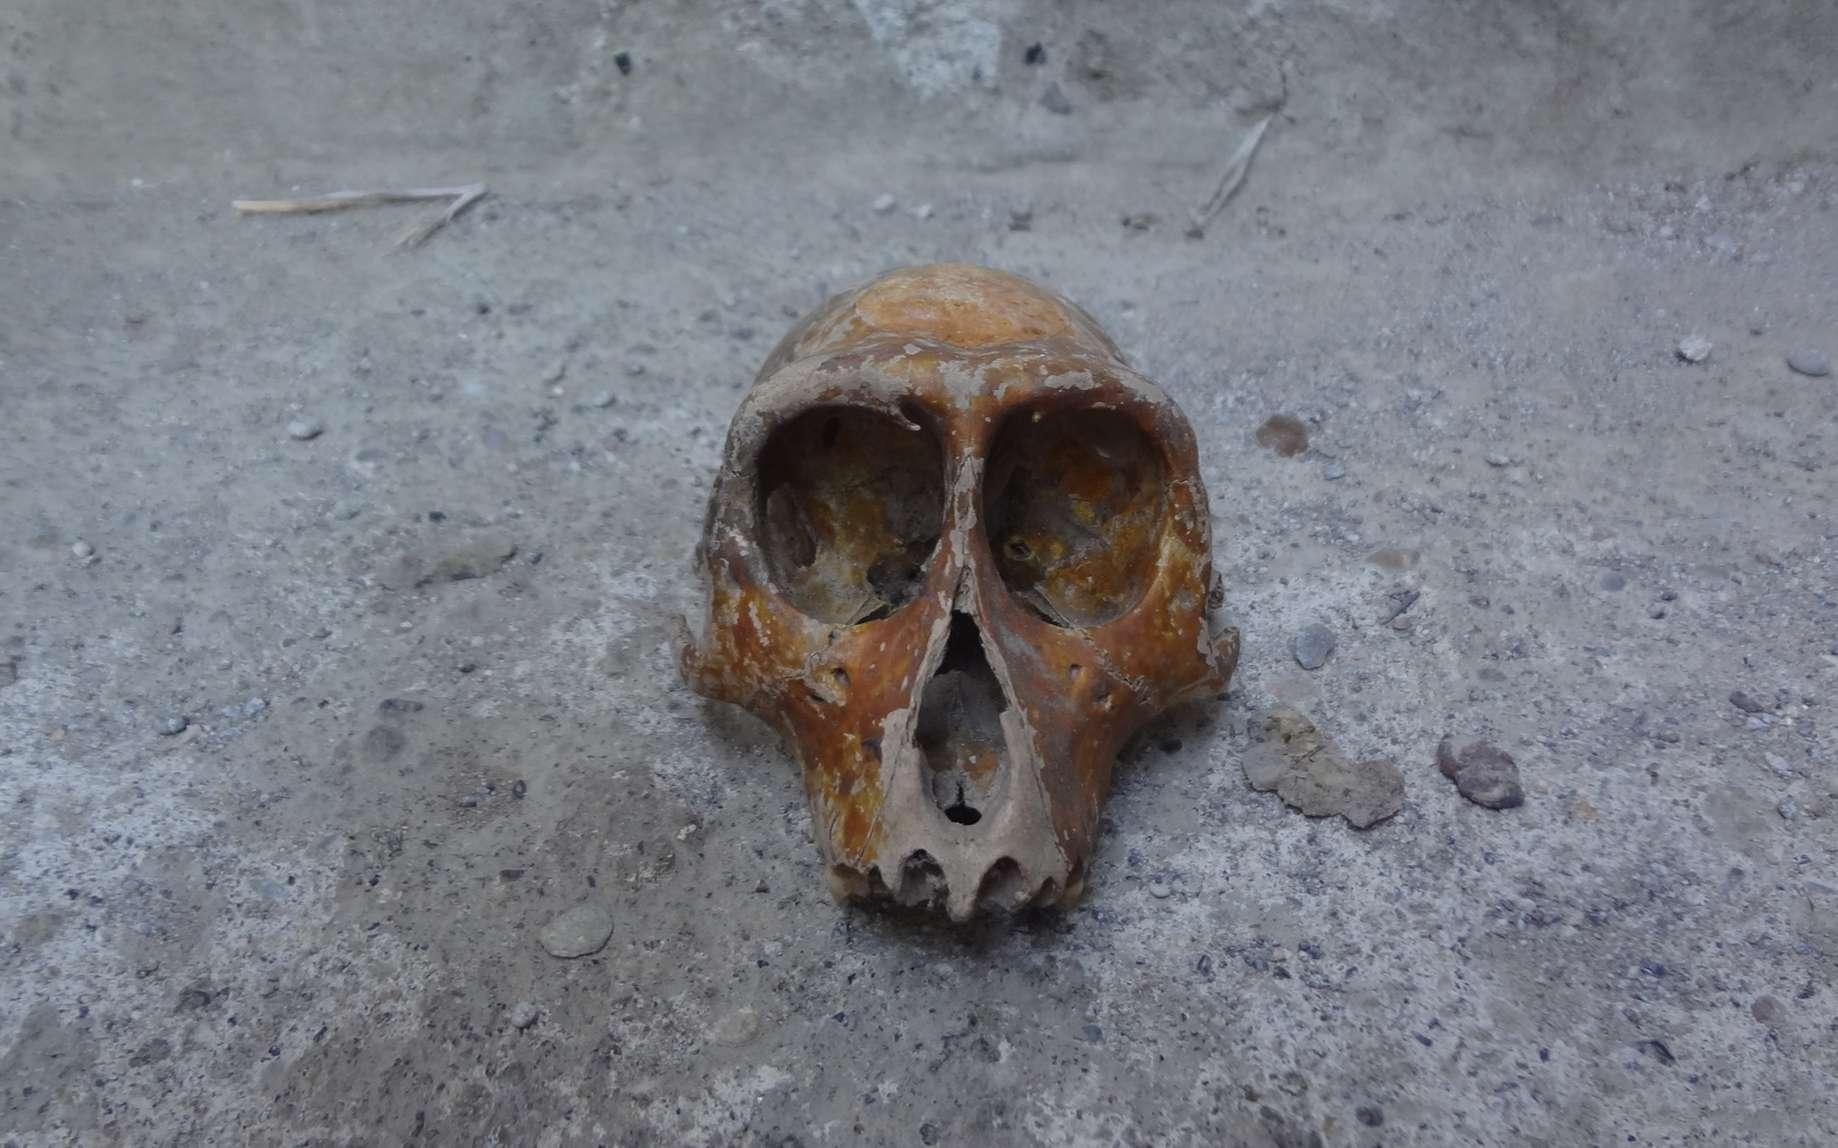 Un fossile de crâne humain. © anggasaputro, Fotolia